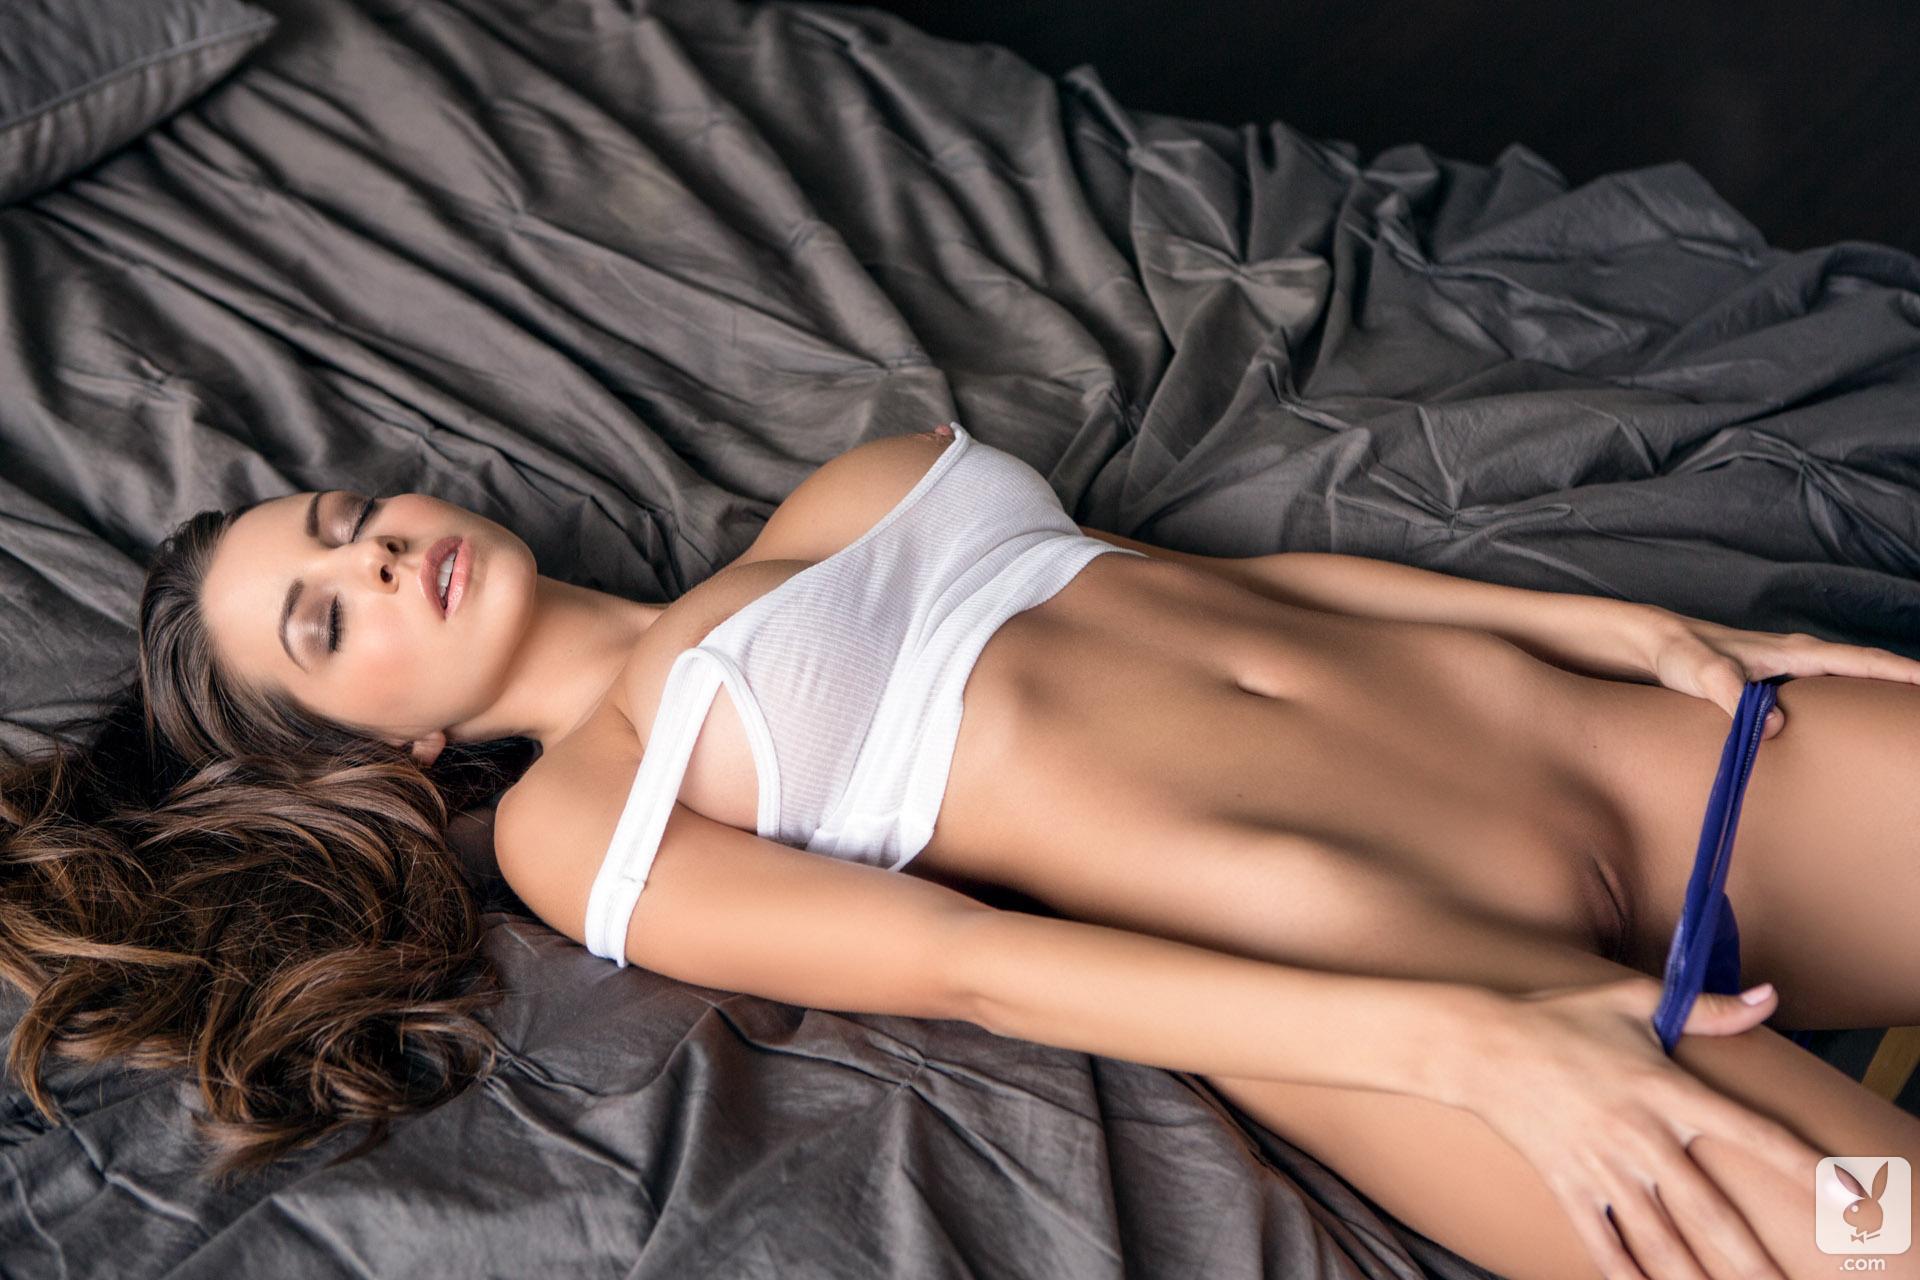 Эротические модели фото сеты, Голые модели - красивые обнаженные модели на фото 1 фотография